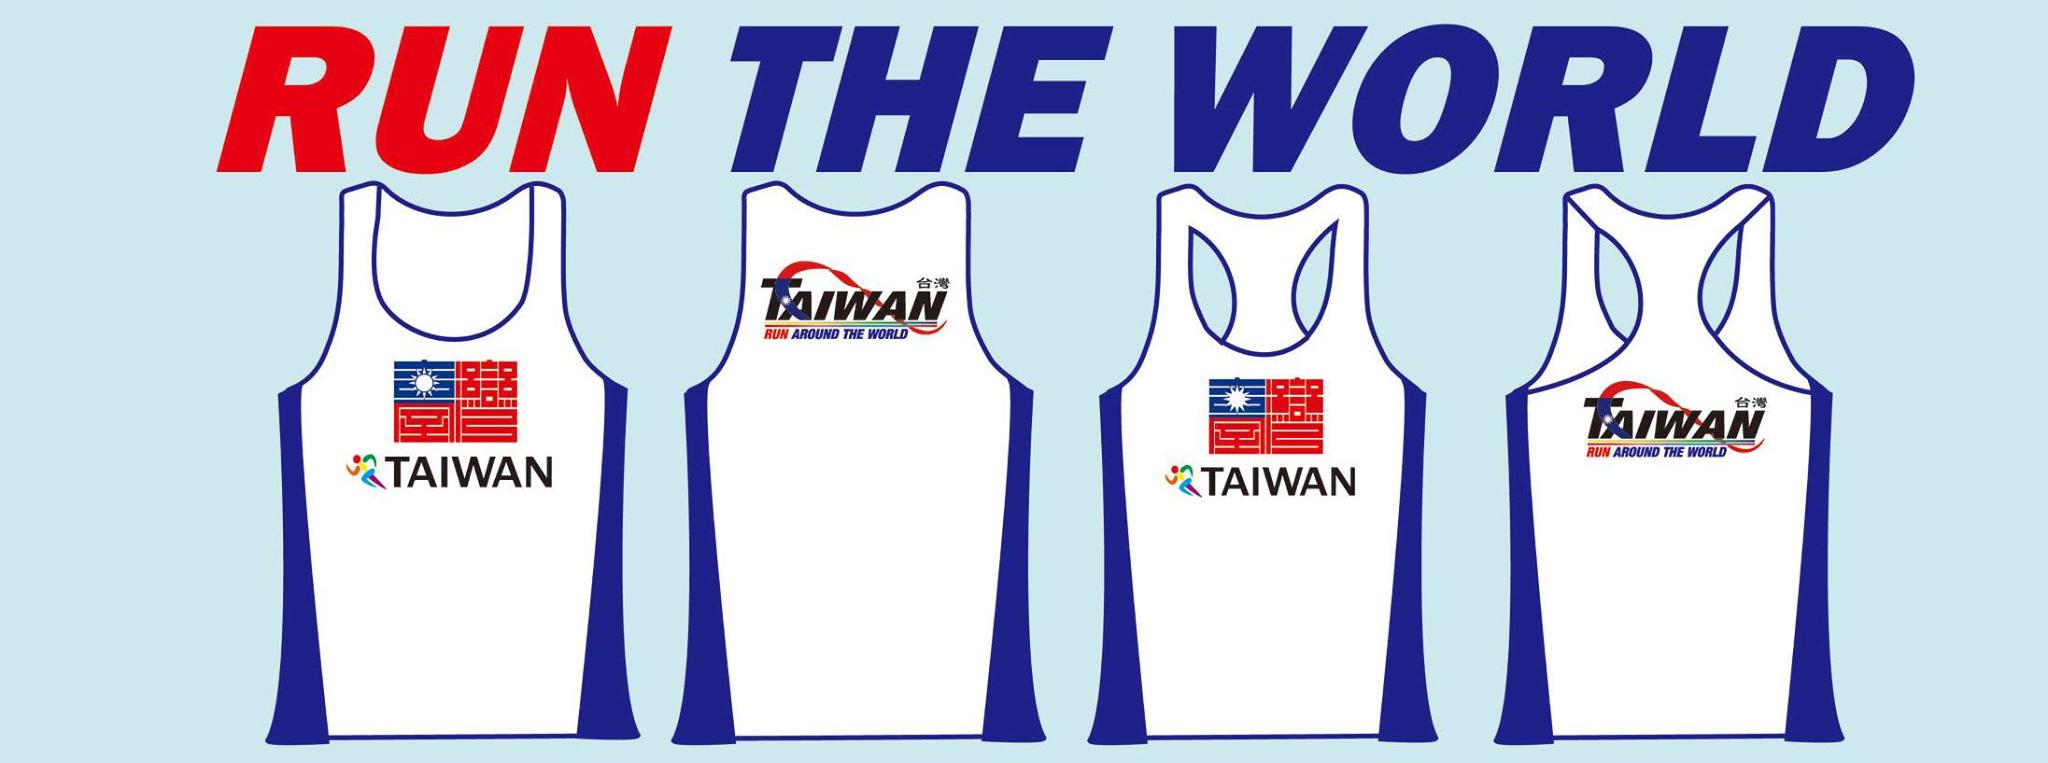 海外馬拉松國旗衣 - Mobile01